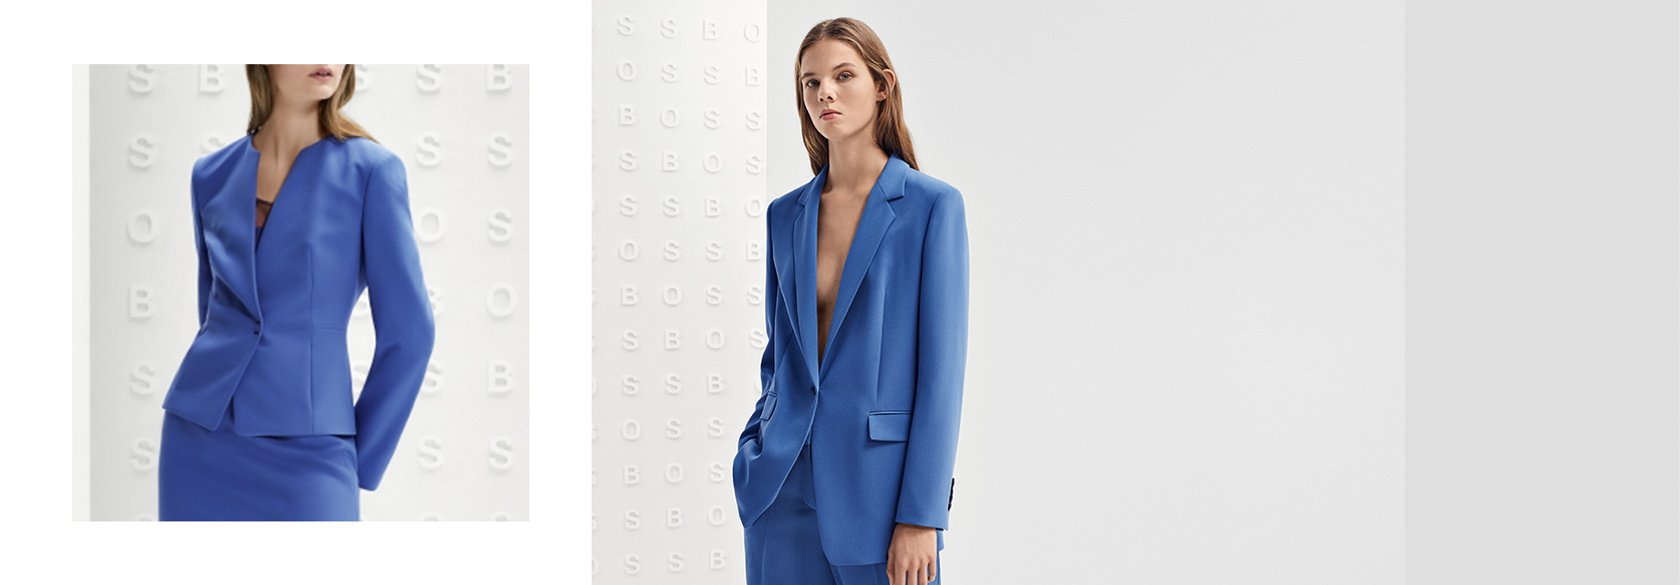 20732a0382 Artículo de tonos azules BOSS para mujer ...